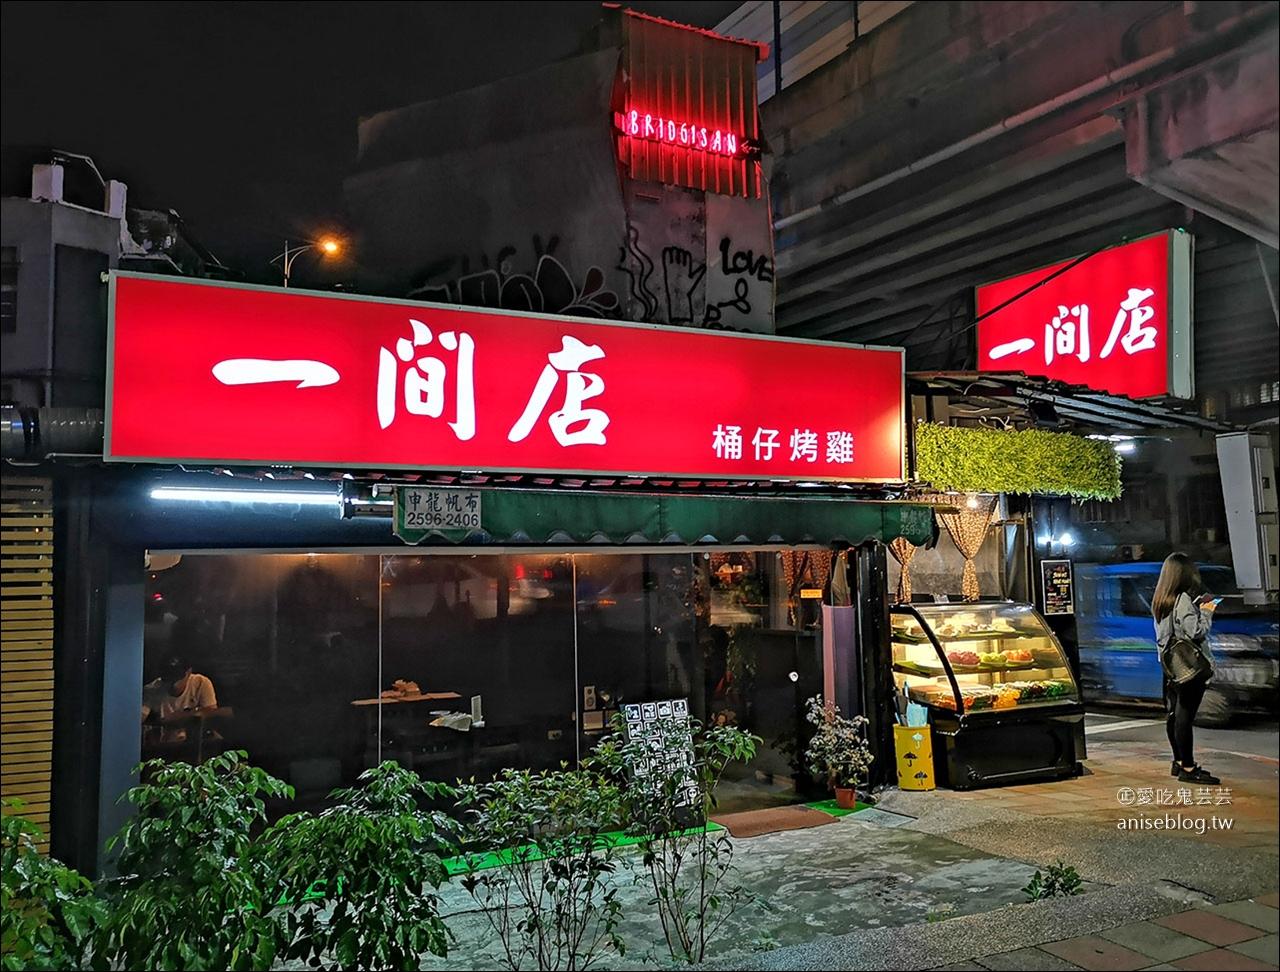 一間店 | 市民大道桶仔雞專賣店